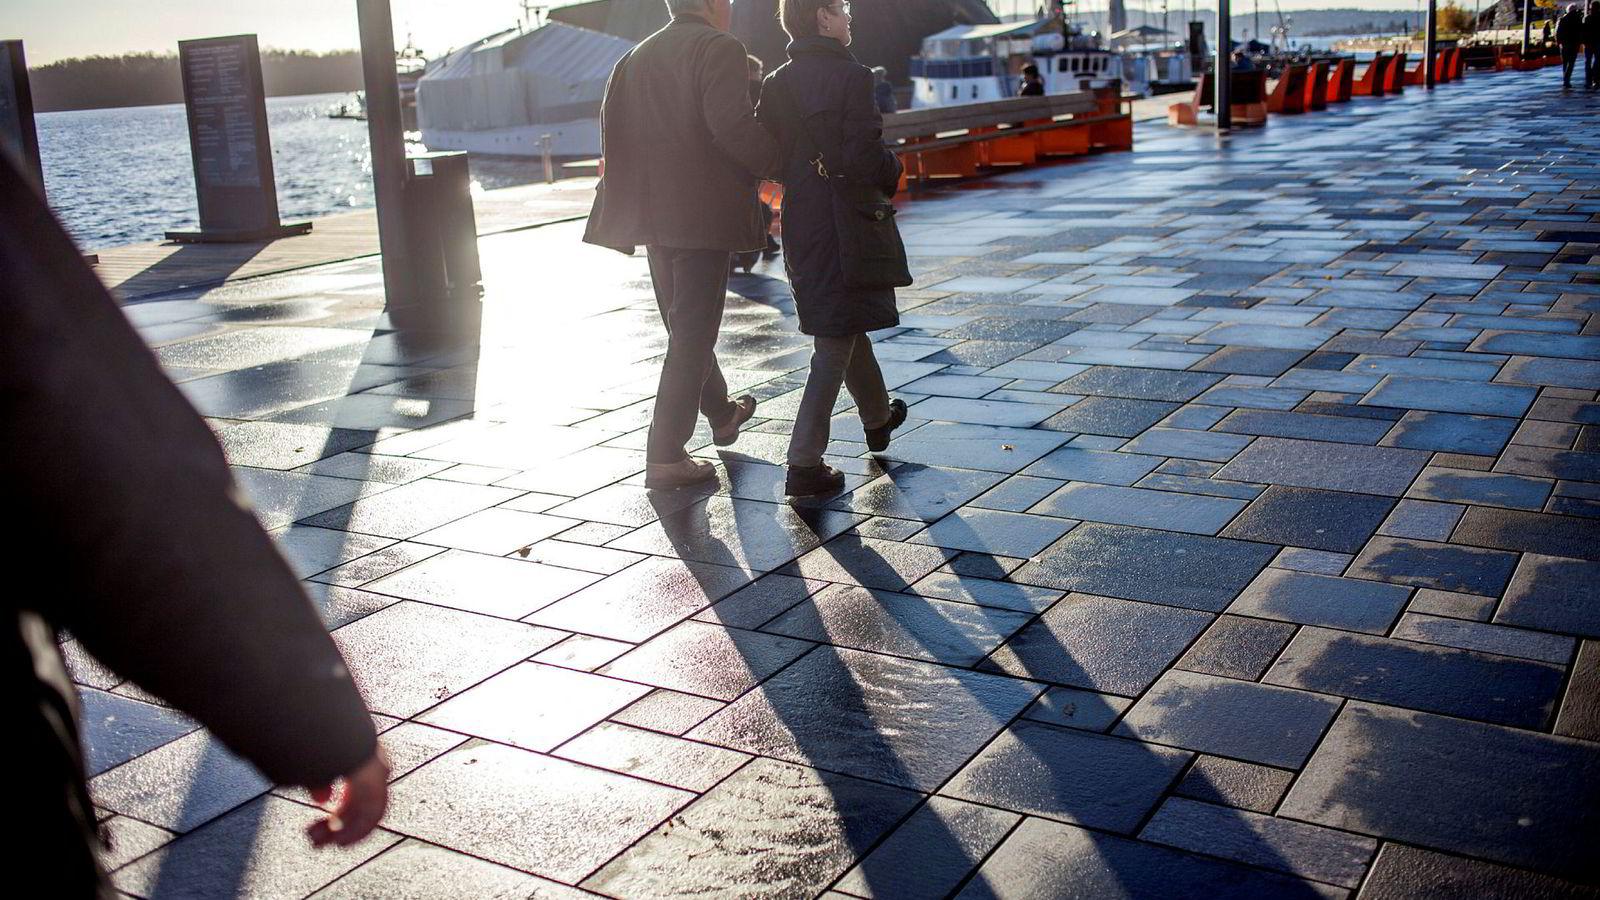 Diskusjonen om velferdsstatens levedyktighet er typisk. Både i Norge og i resten av Europa hevder mange politikere og observatører at velferdsstaten ikke er bærekraftig.